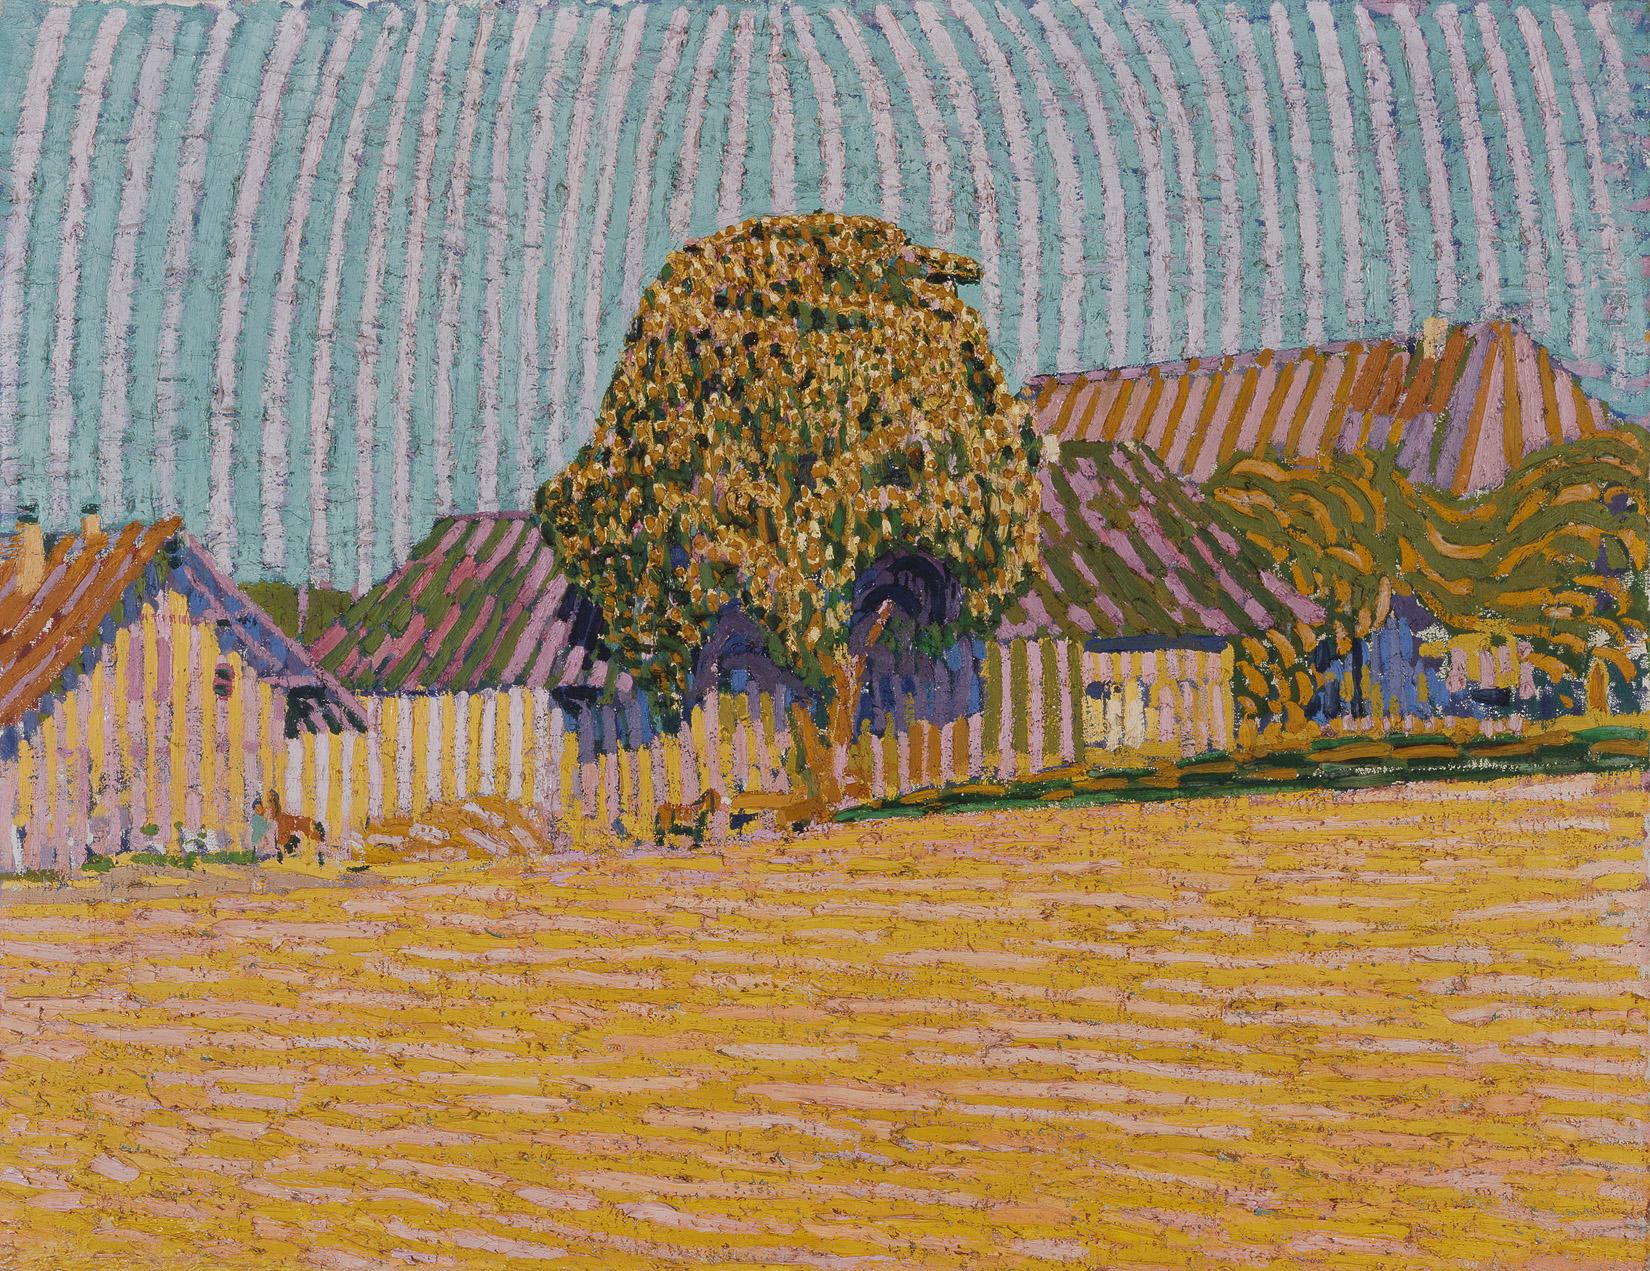 Cuno Amiet, Der blühende Baum, 1905 - ausgestellt in Dresden, 1906